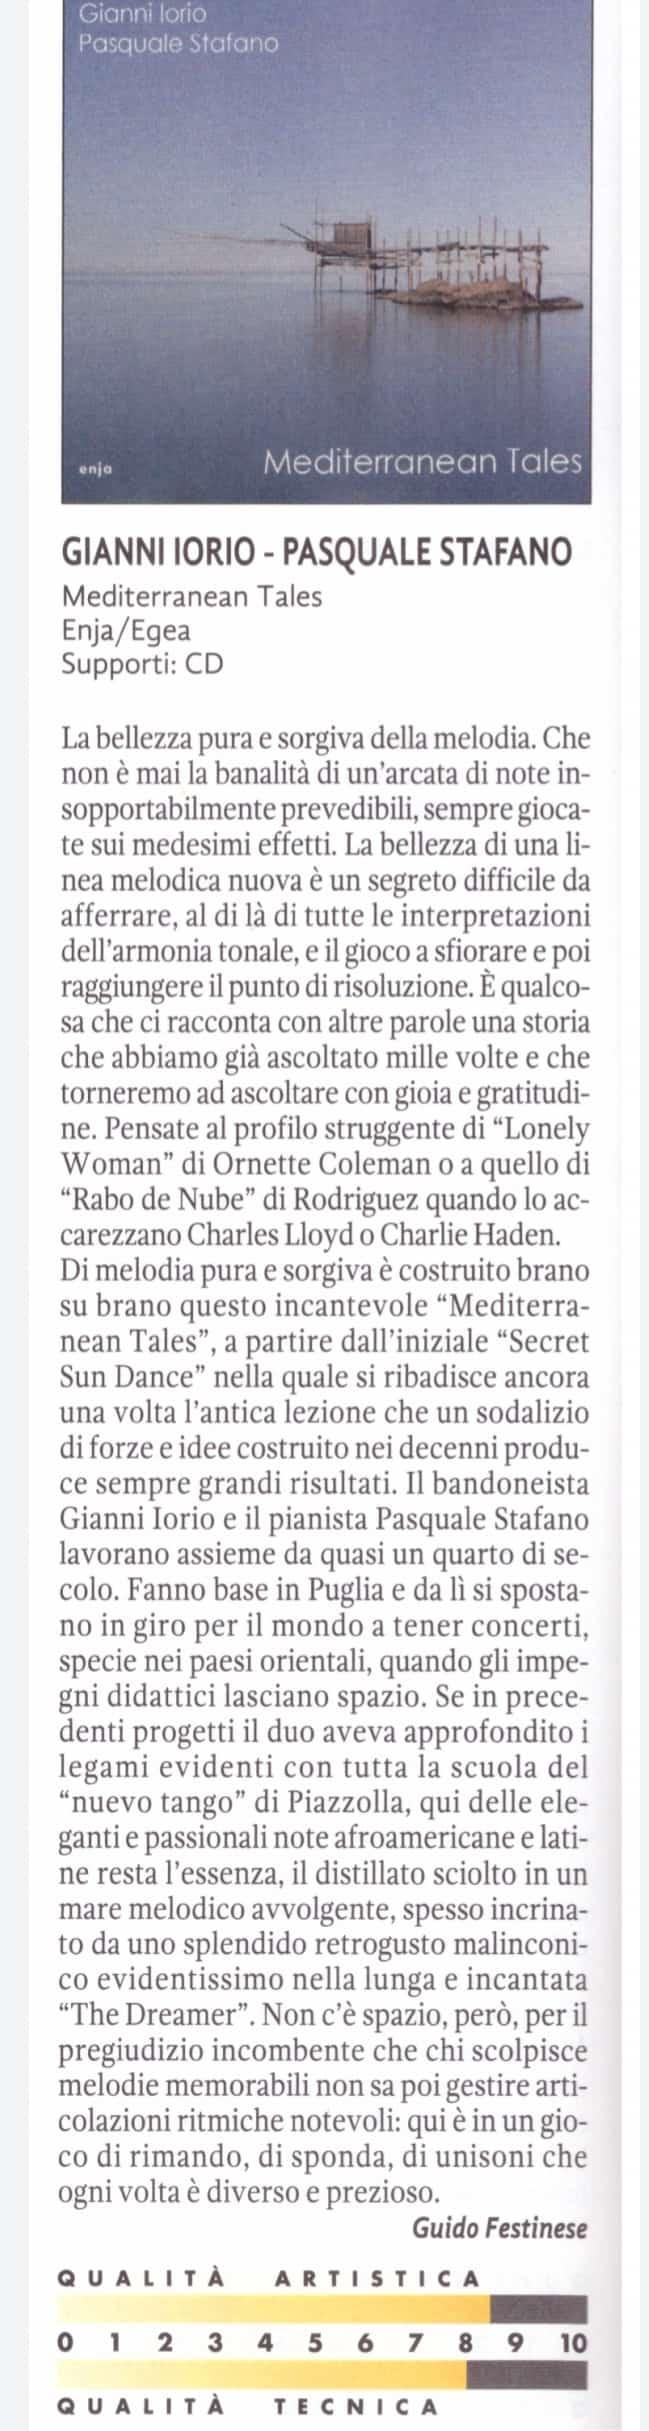 Mediterranean Tales - Recensione di Guido Festinese - Audioreveiw